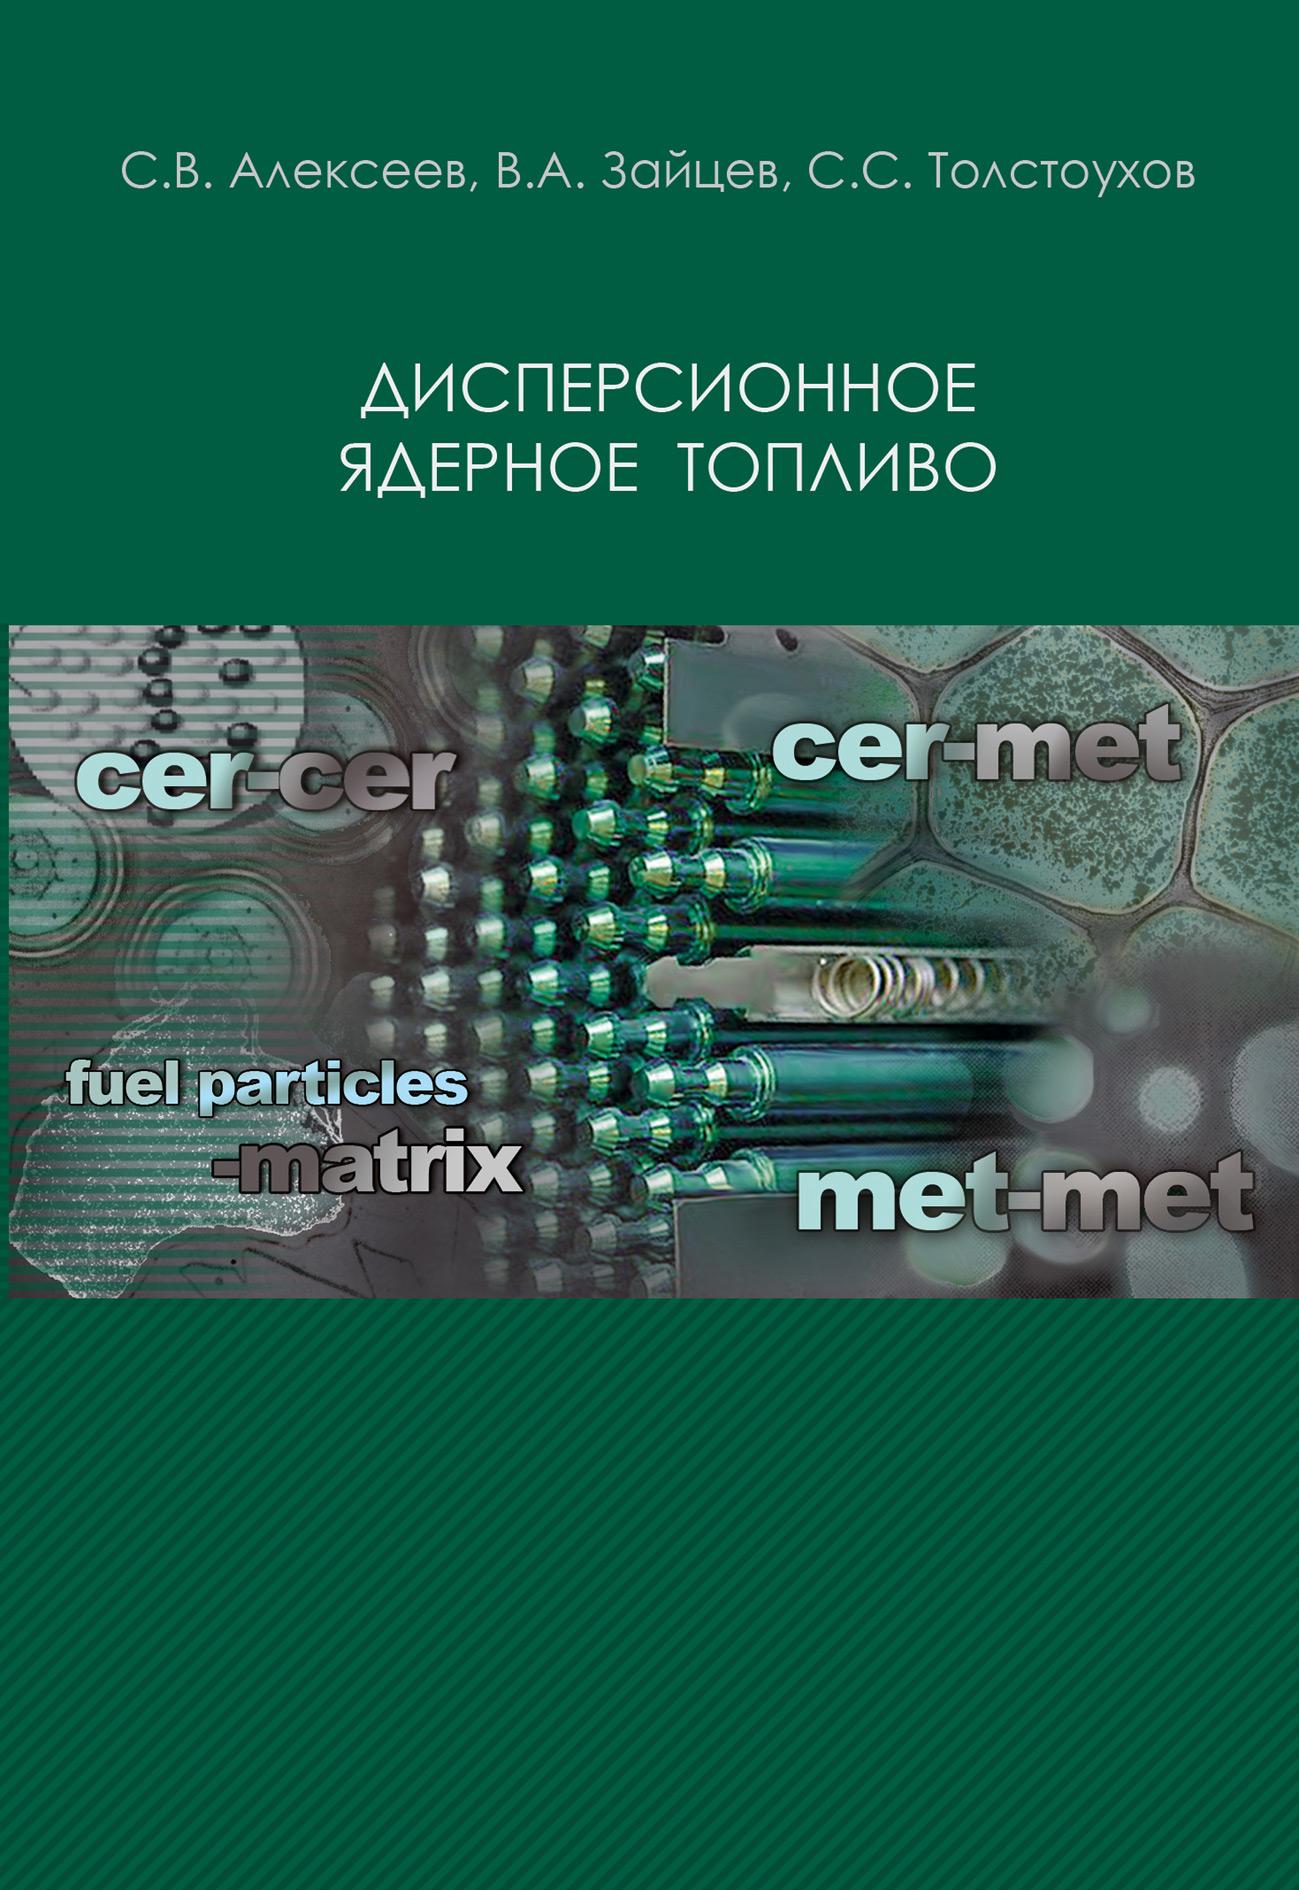 С. В. Алексеев Дисперсионное ядерное топливо